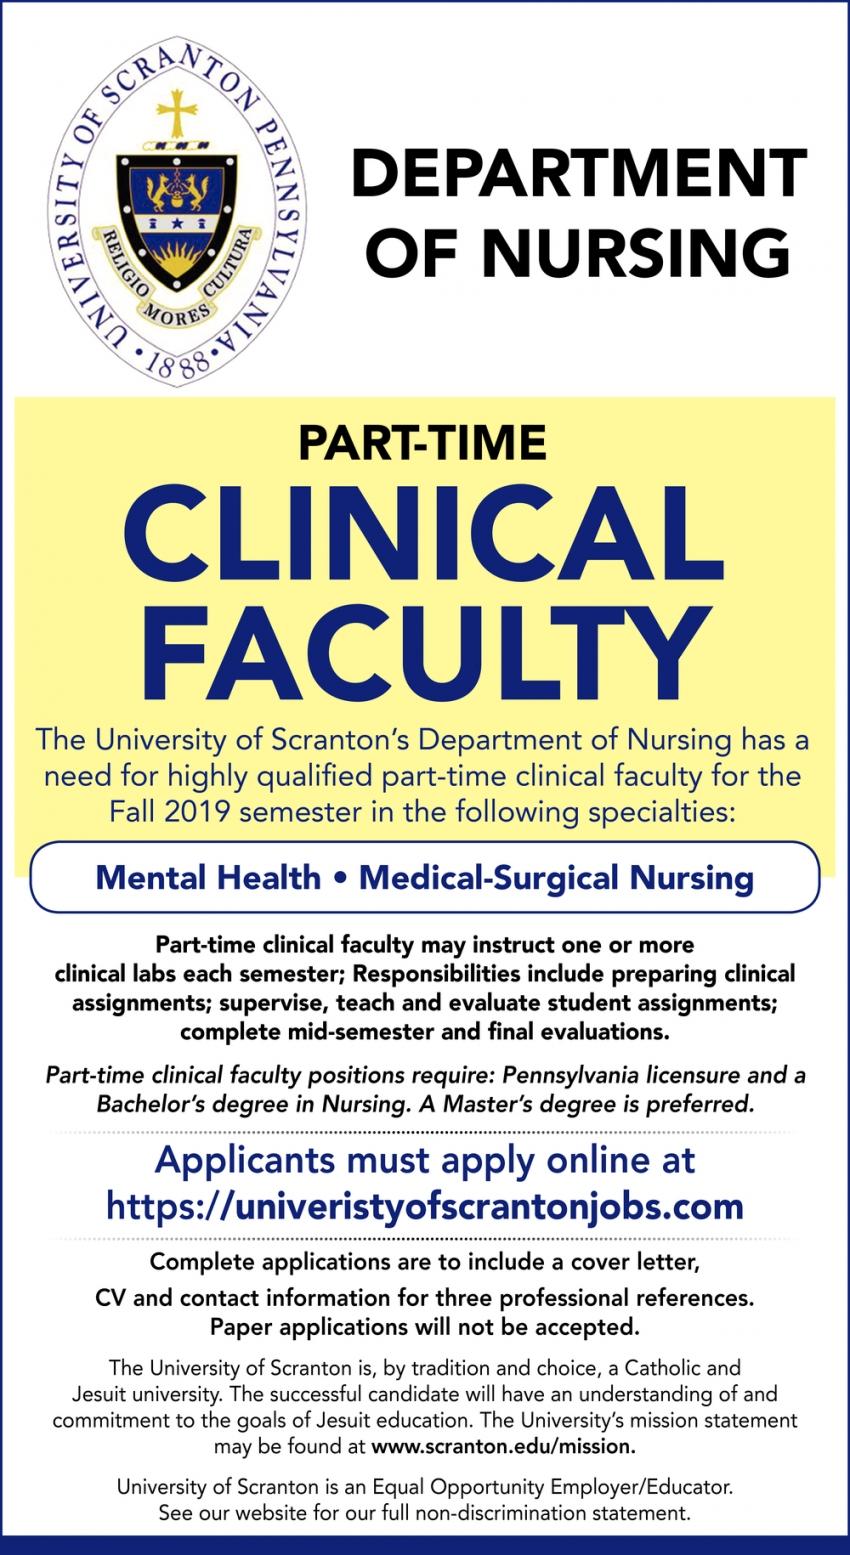 Mental Health, Medical-Surgical Nursing